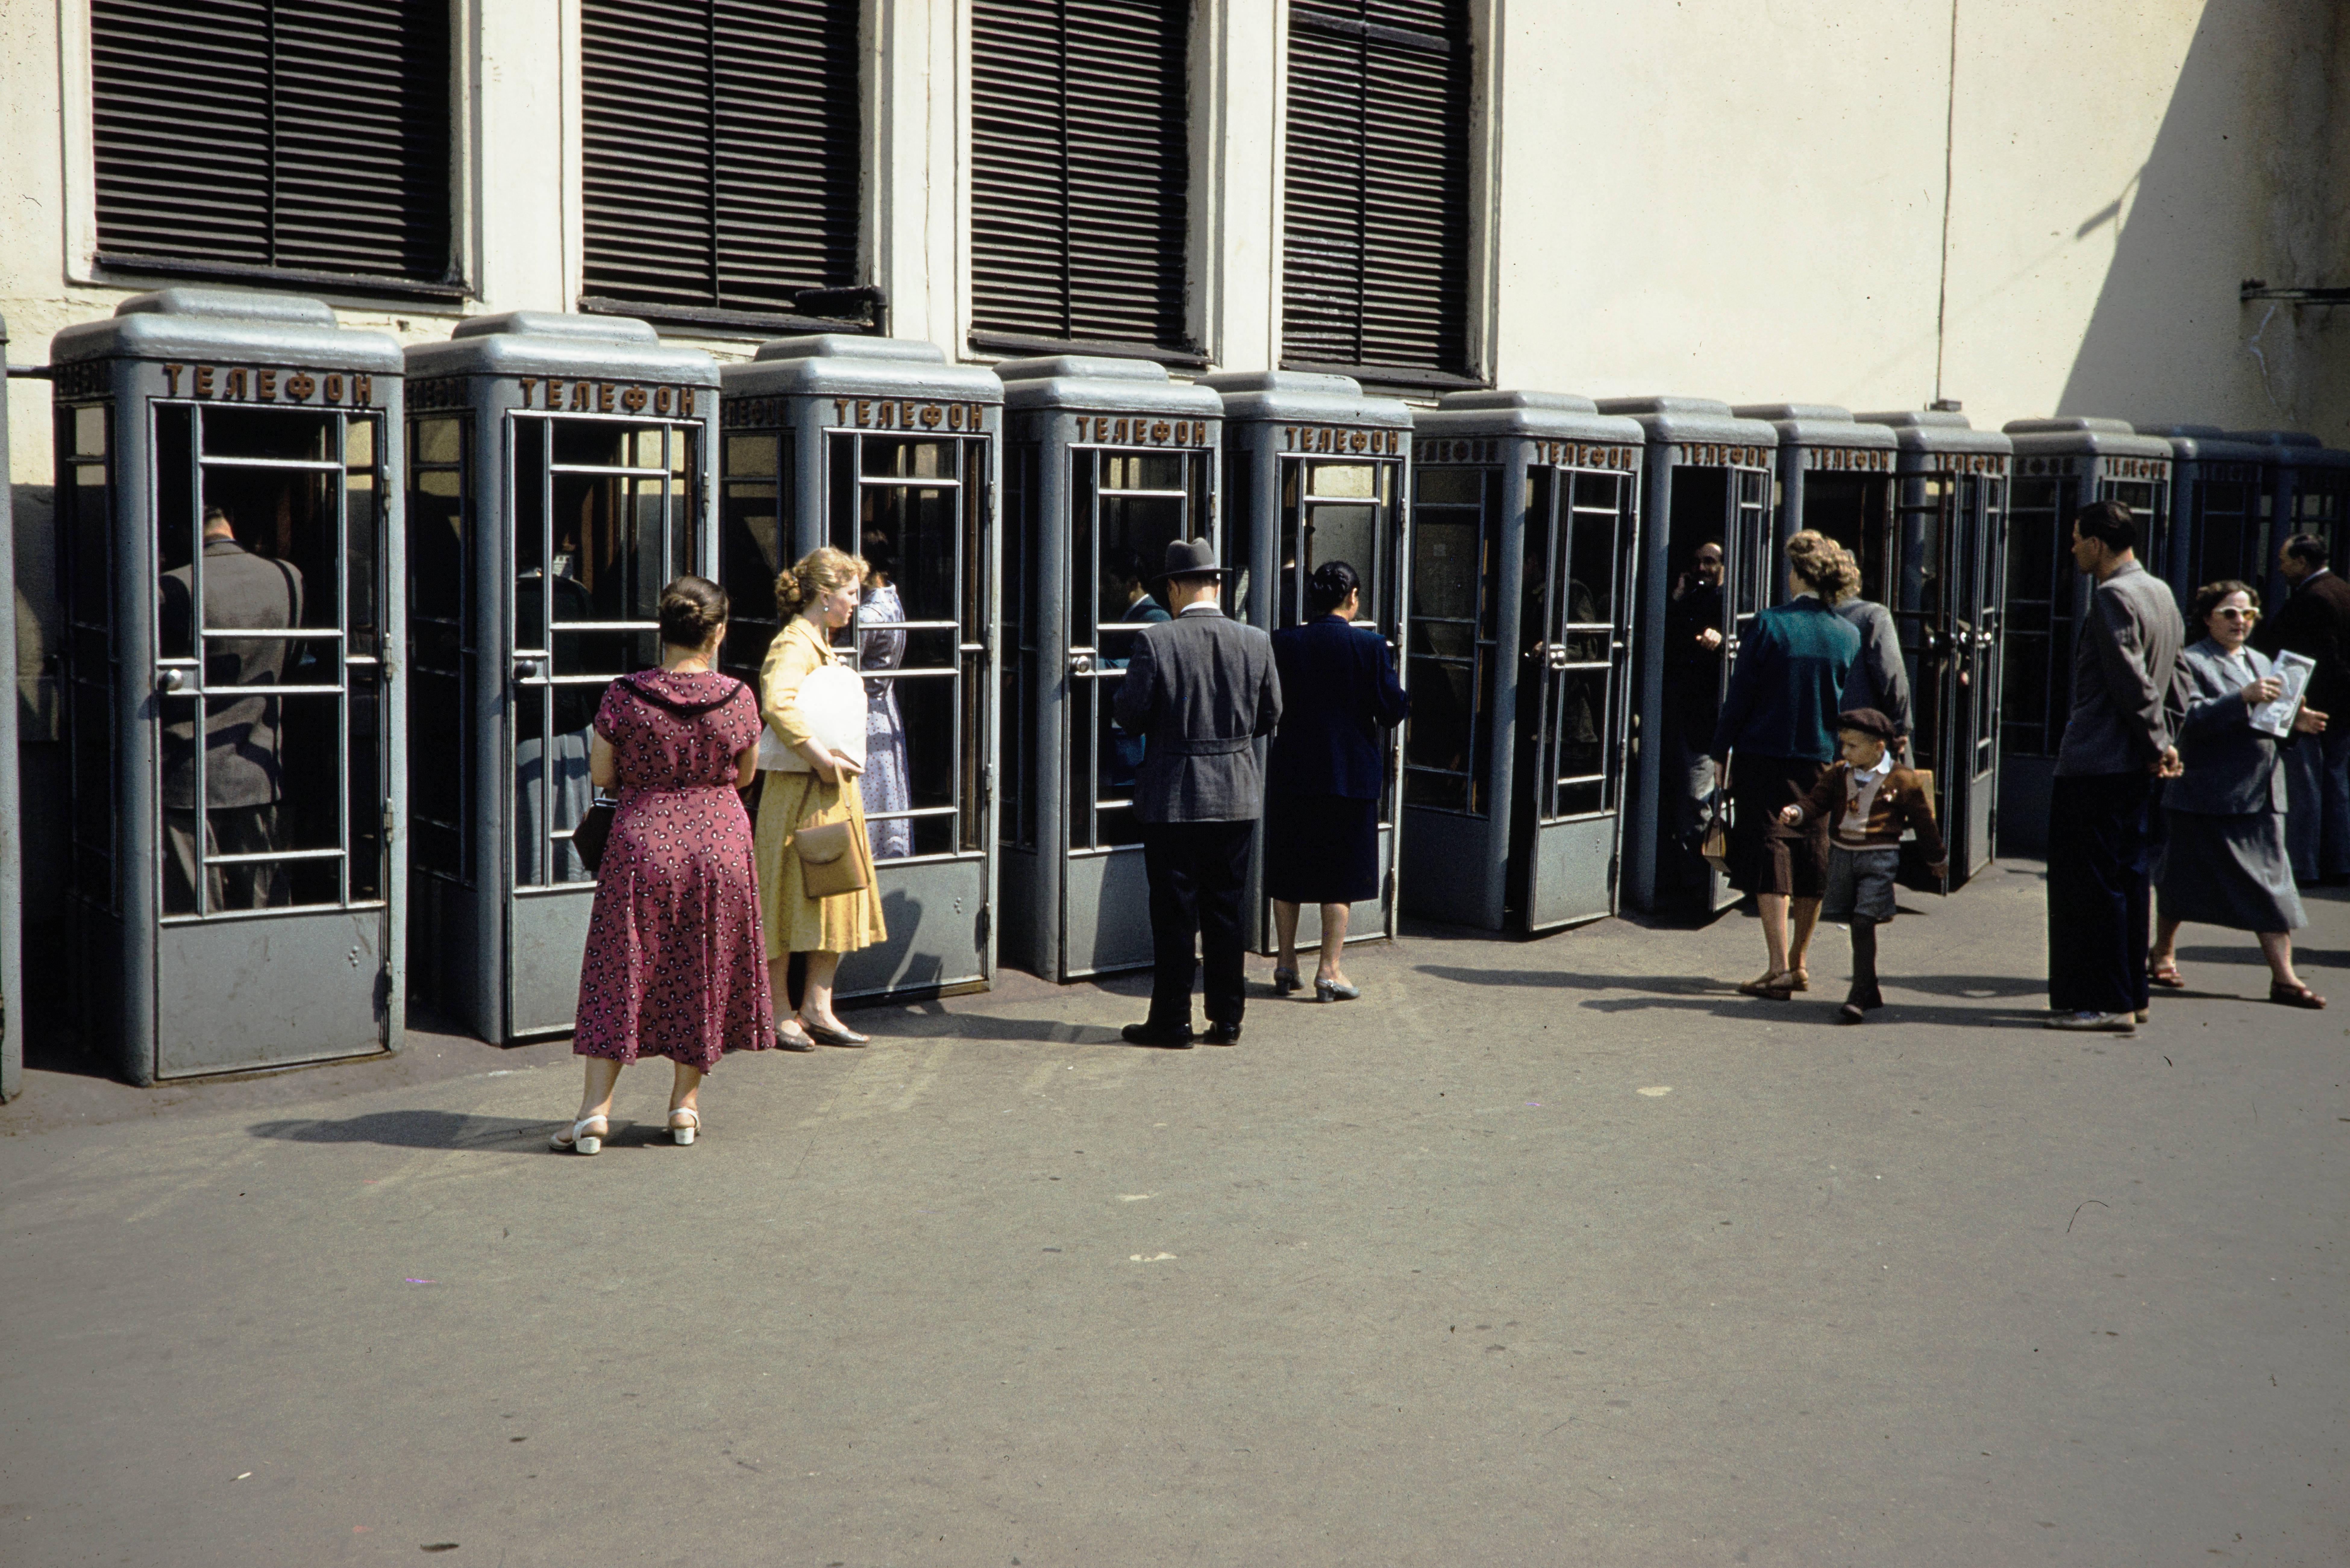 У телефонных автоматов